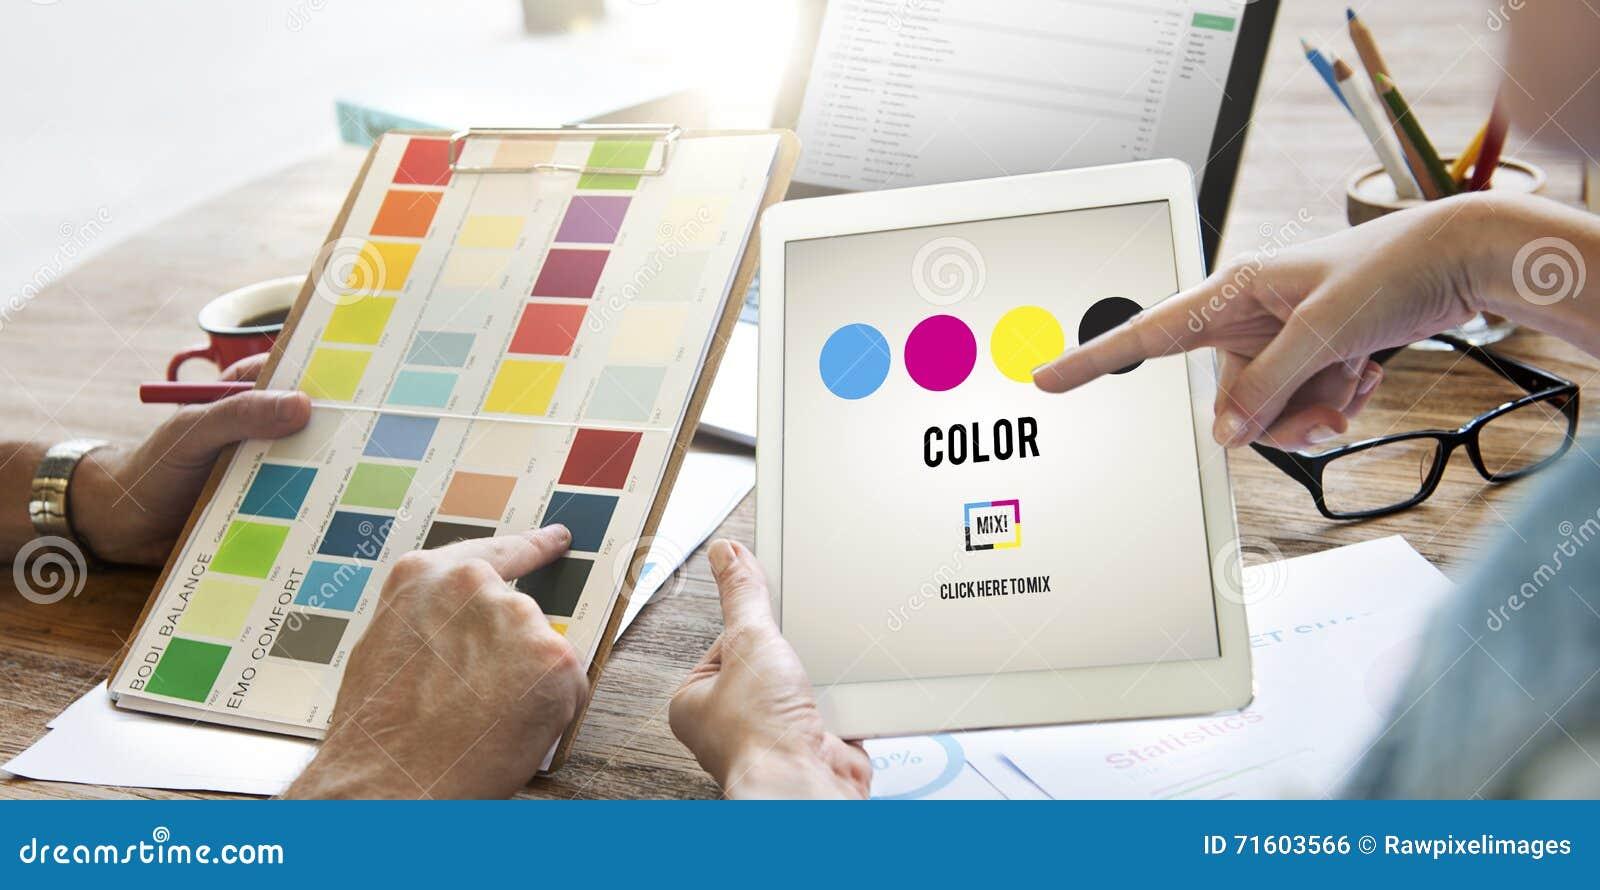 Free illustration watercolor pigment color free image - Color Design Model Art Paint Pigment Motion Concept